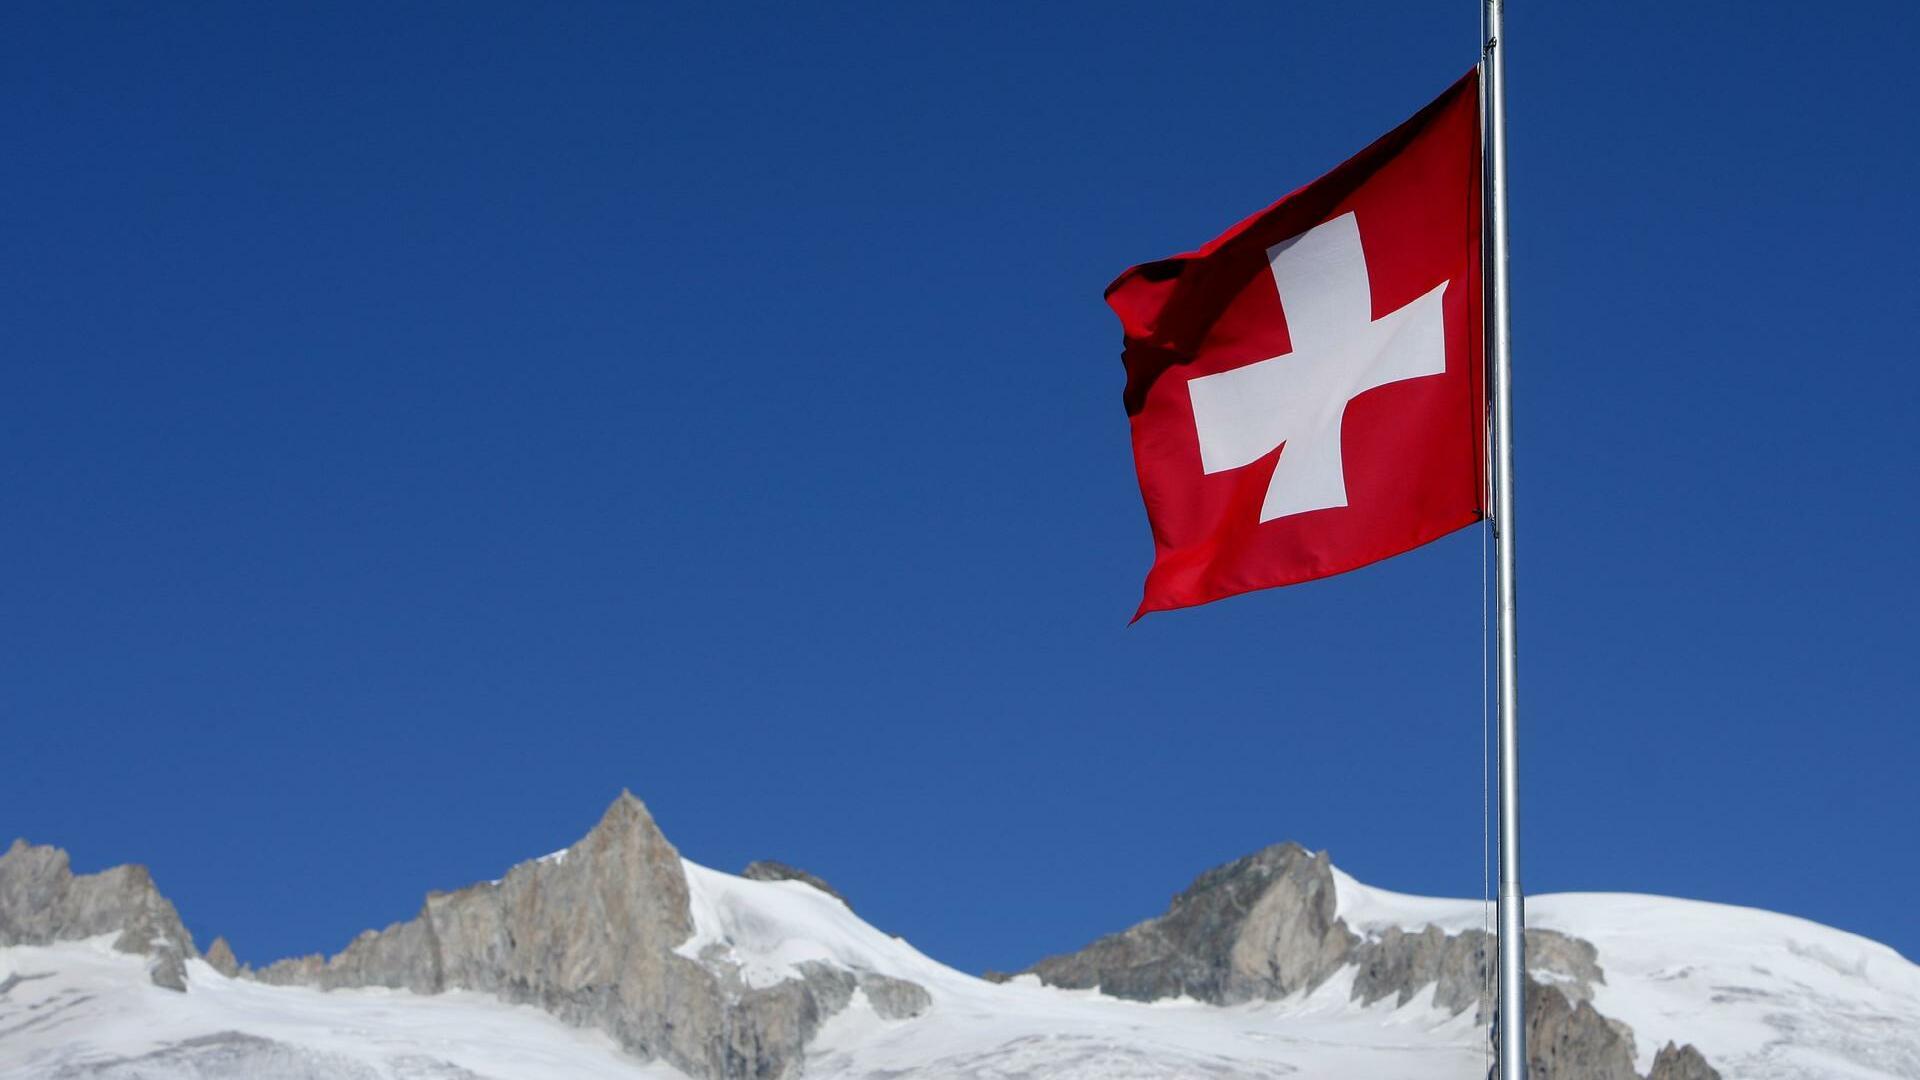 Strengere Auflagen: Schweizer Regierung will Immobilienblase eindämmen